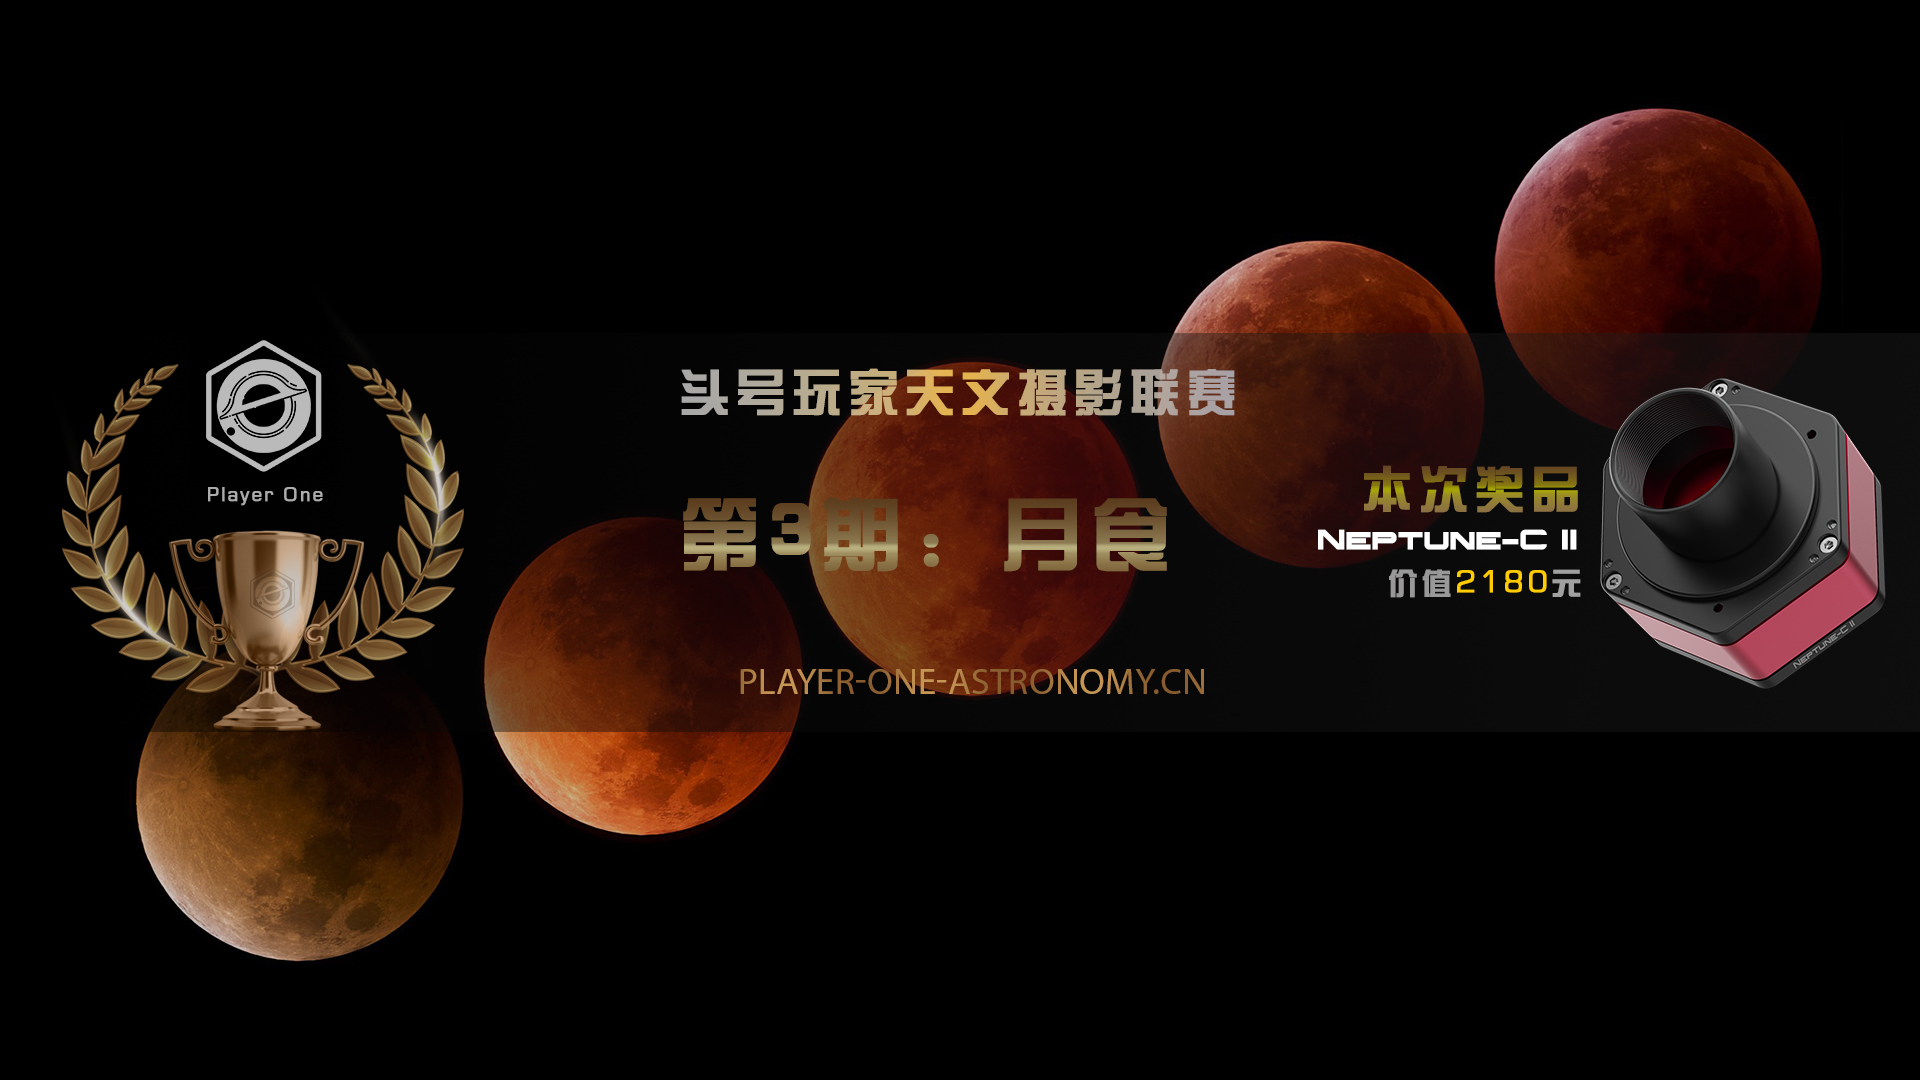 【头号玩家天文摄影联赛】三期开启,二期冠军公布!